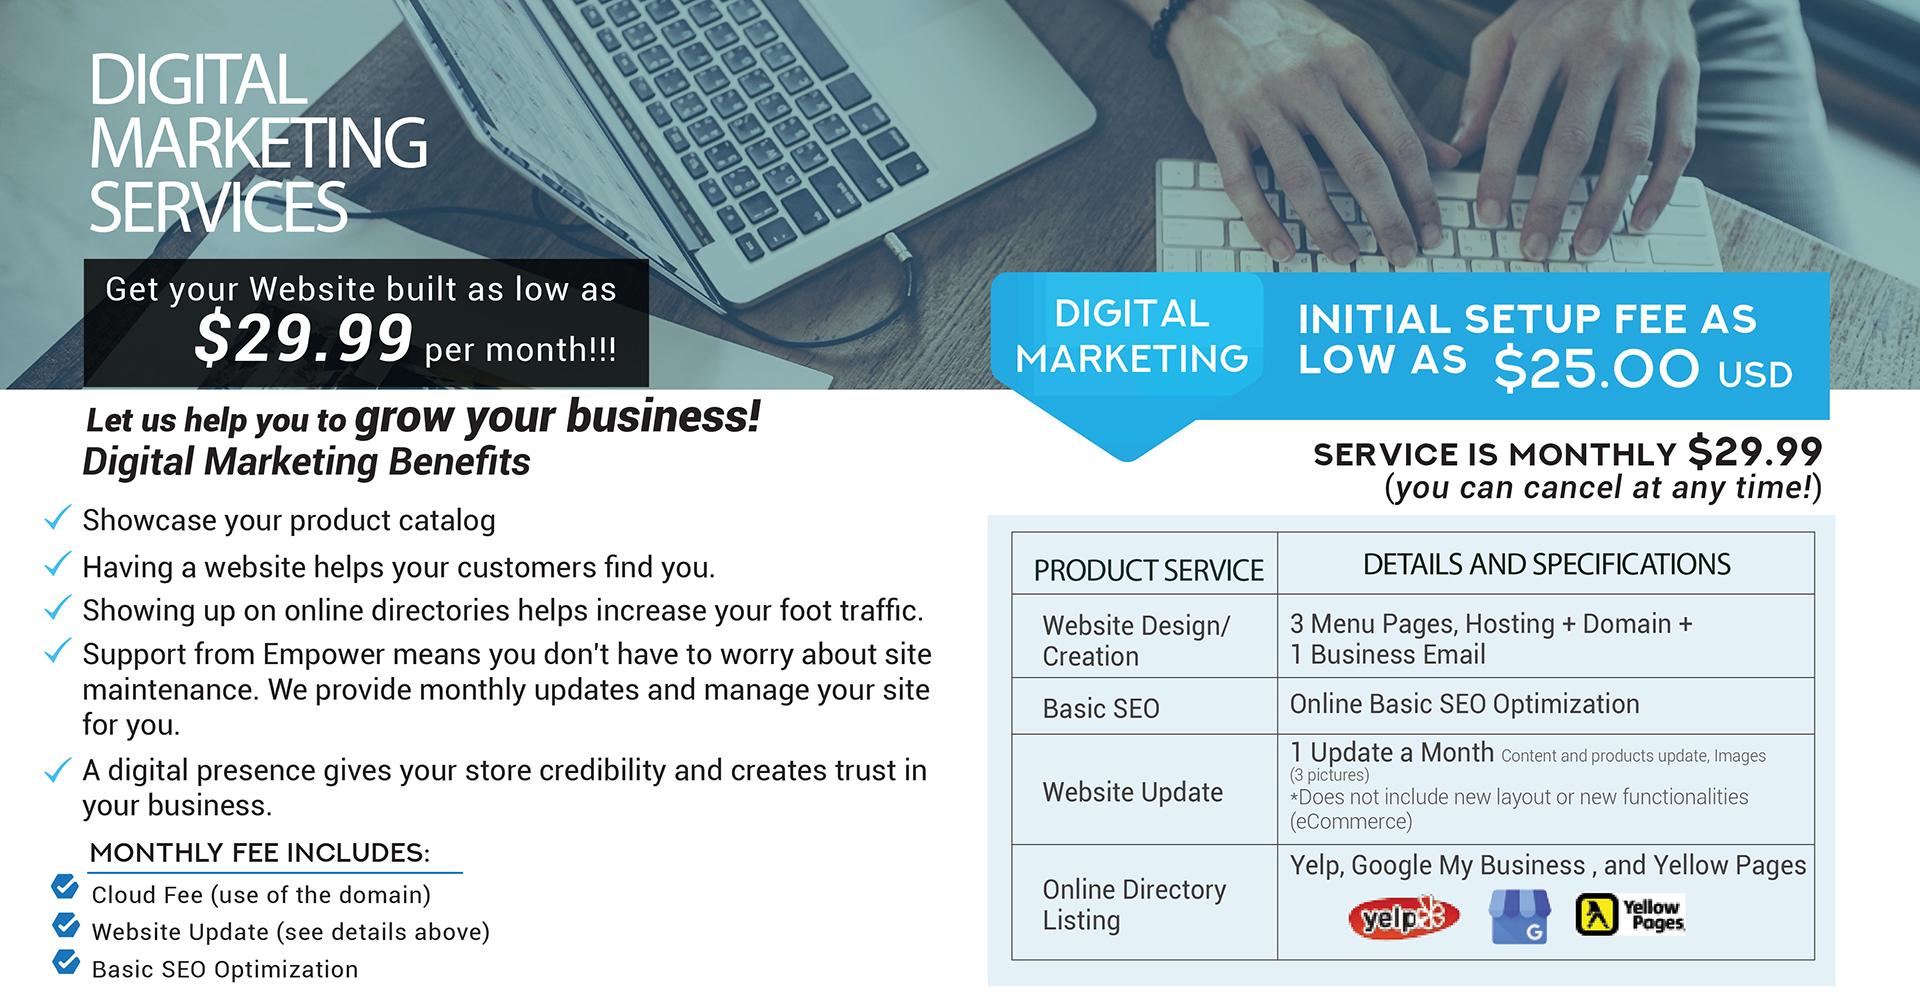 Empower Retailer Solutions Wireless Dealer Digital Marketing Services